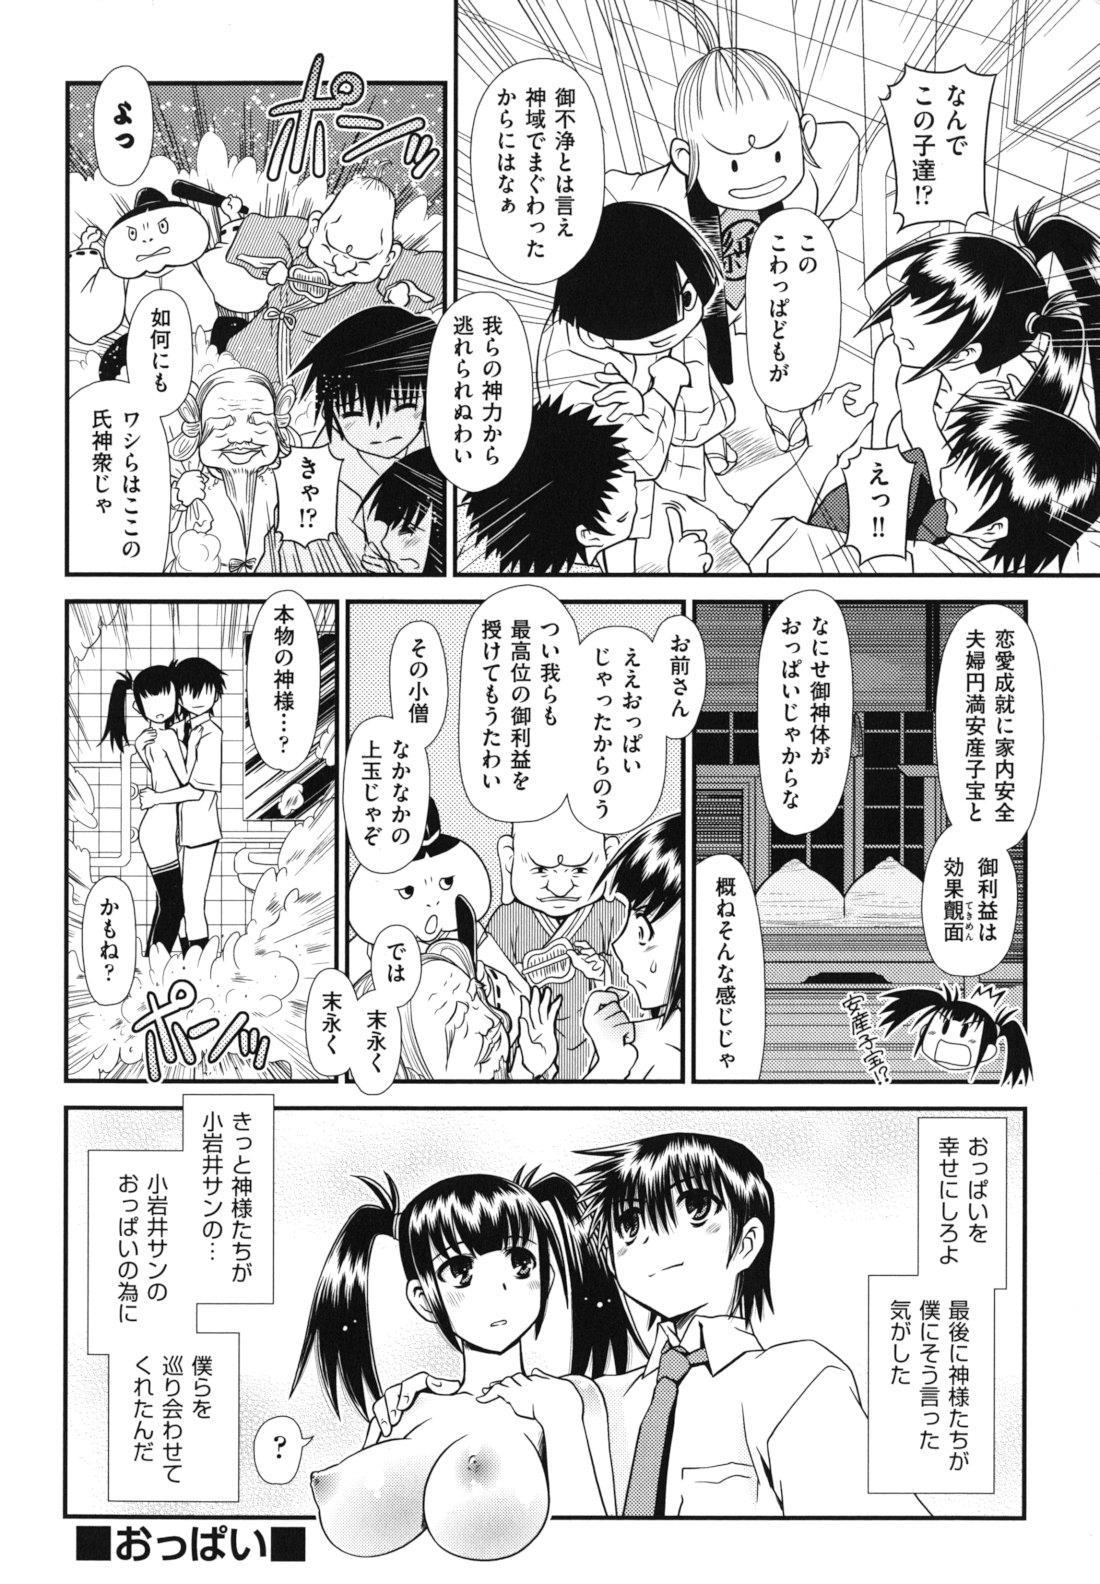 Twintail de Kneesocks no Onnanoko tachi ga Kyakkya de Ufufu♥ 194